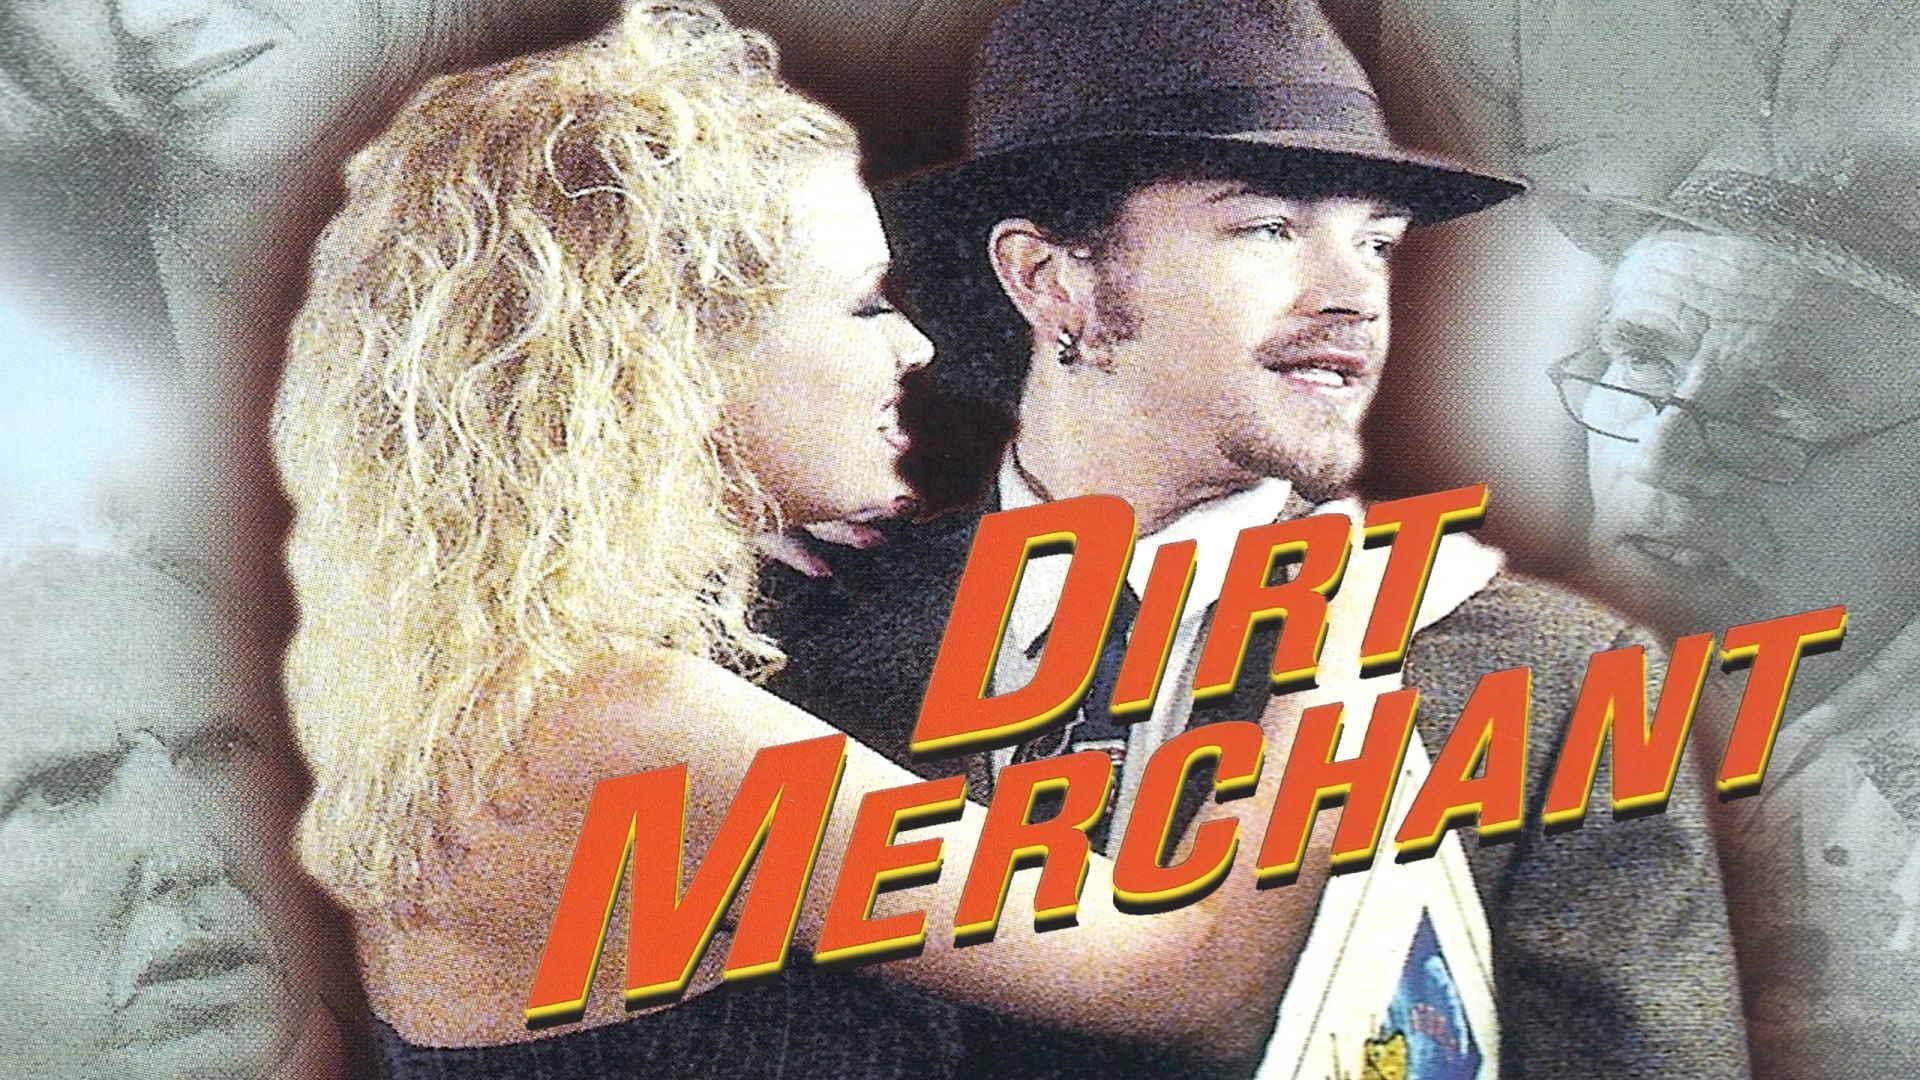 Dirt Merchant